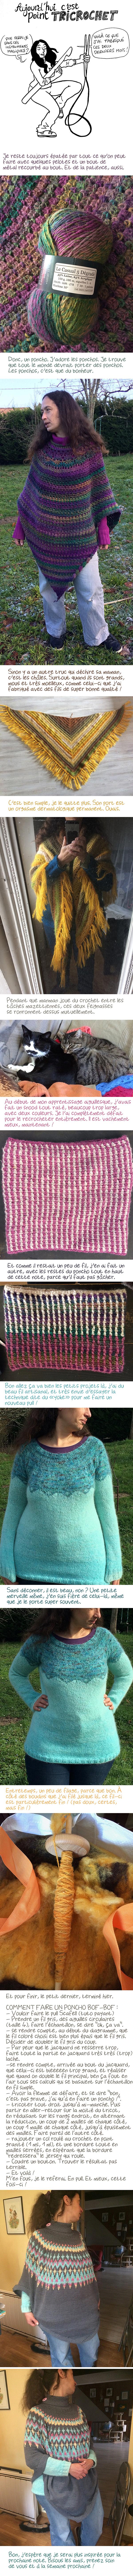 http://melaka.free.fr/blog/pointtricot15-03.jpg